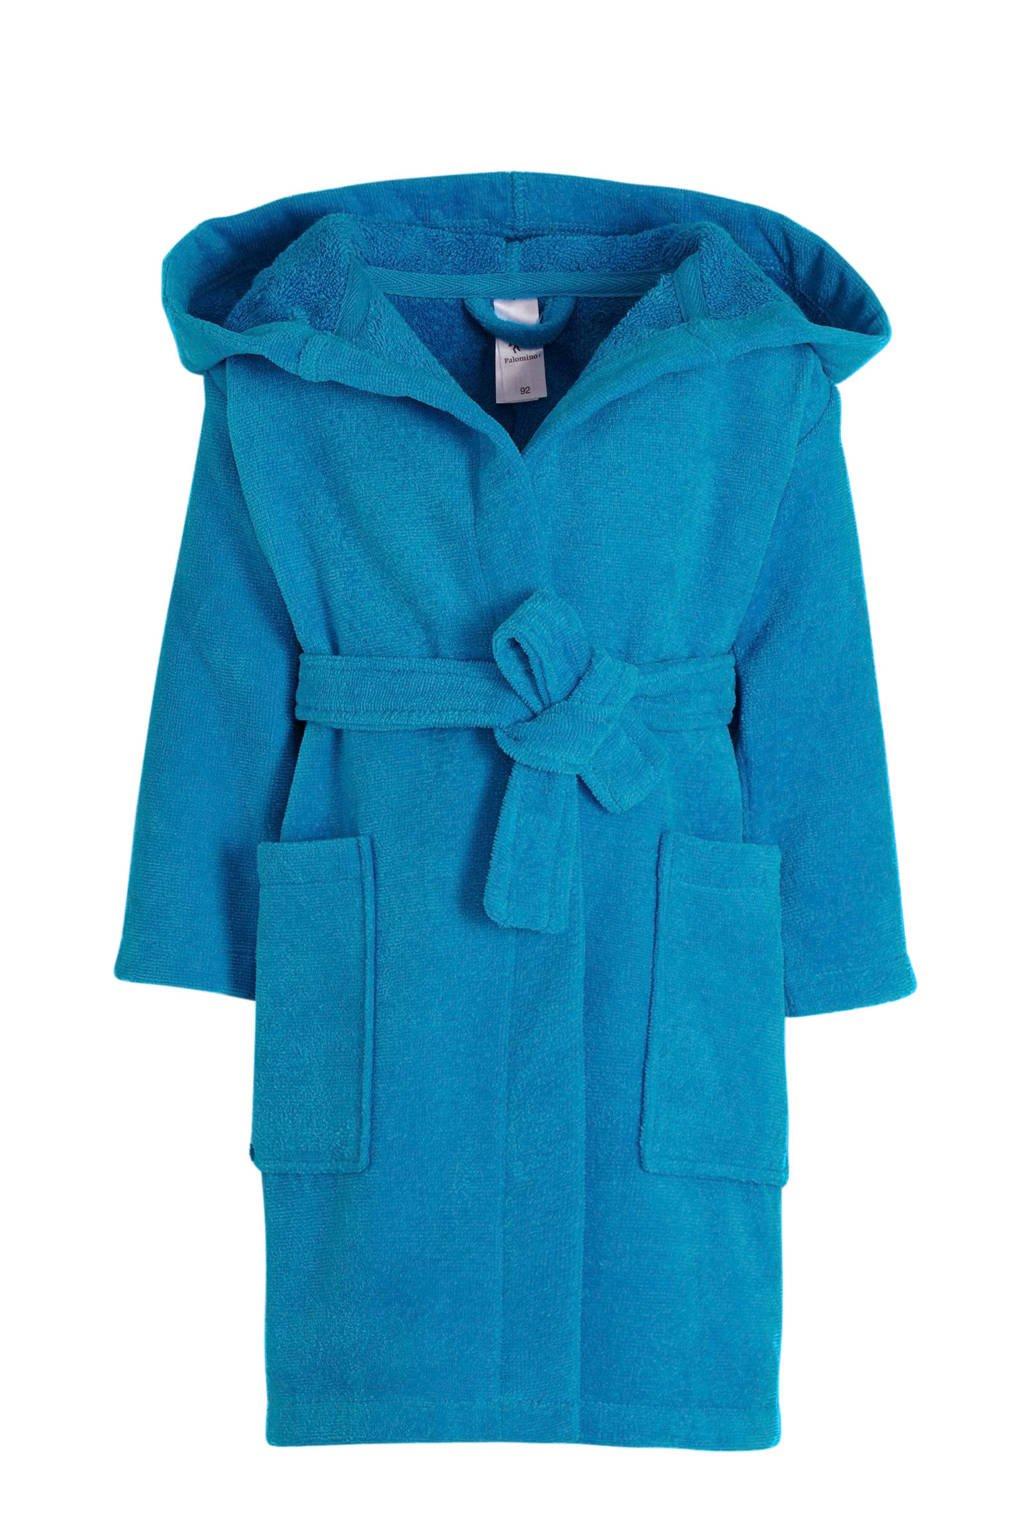 C&A Palomino   badjas blauw, Blauw